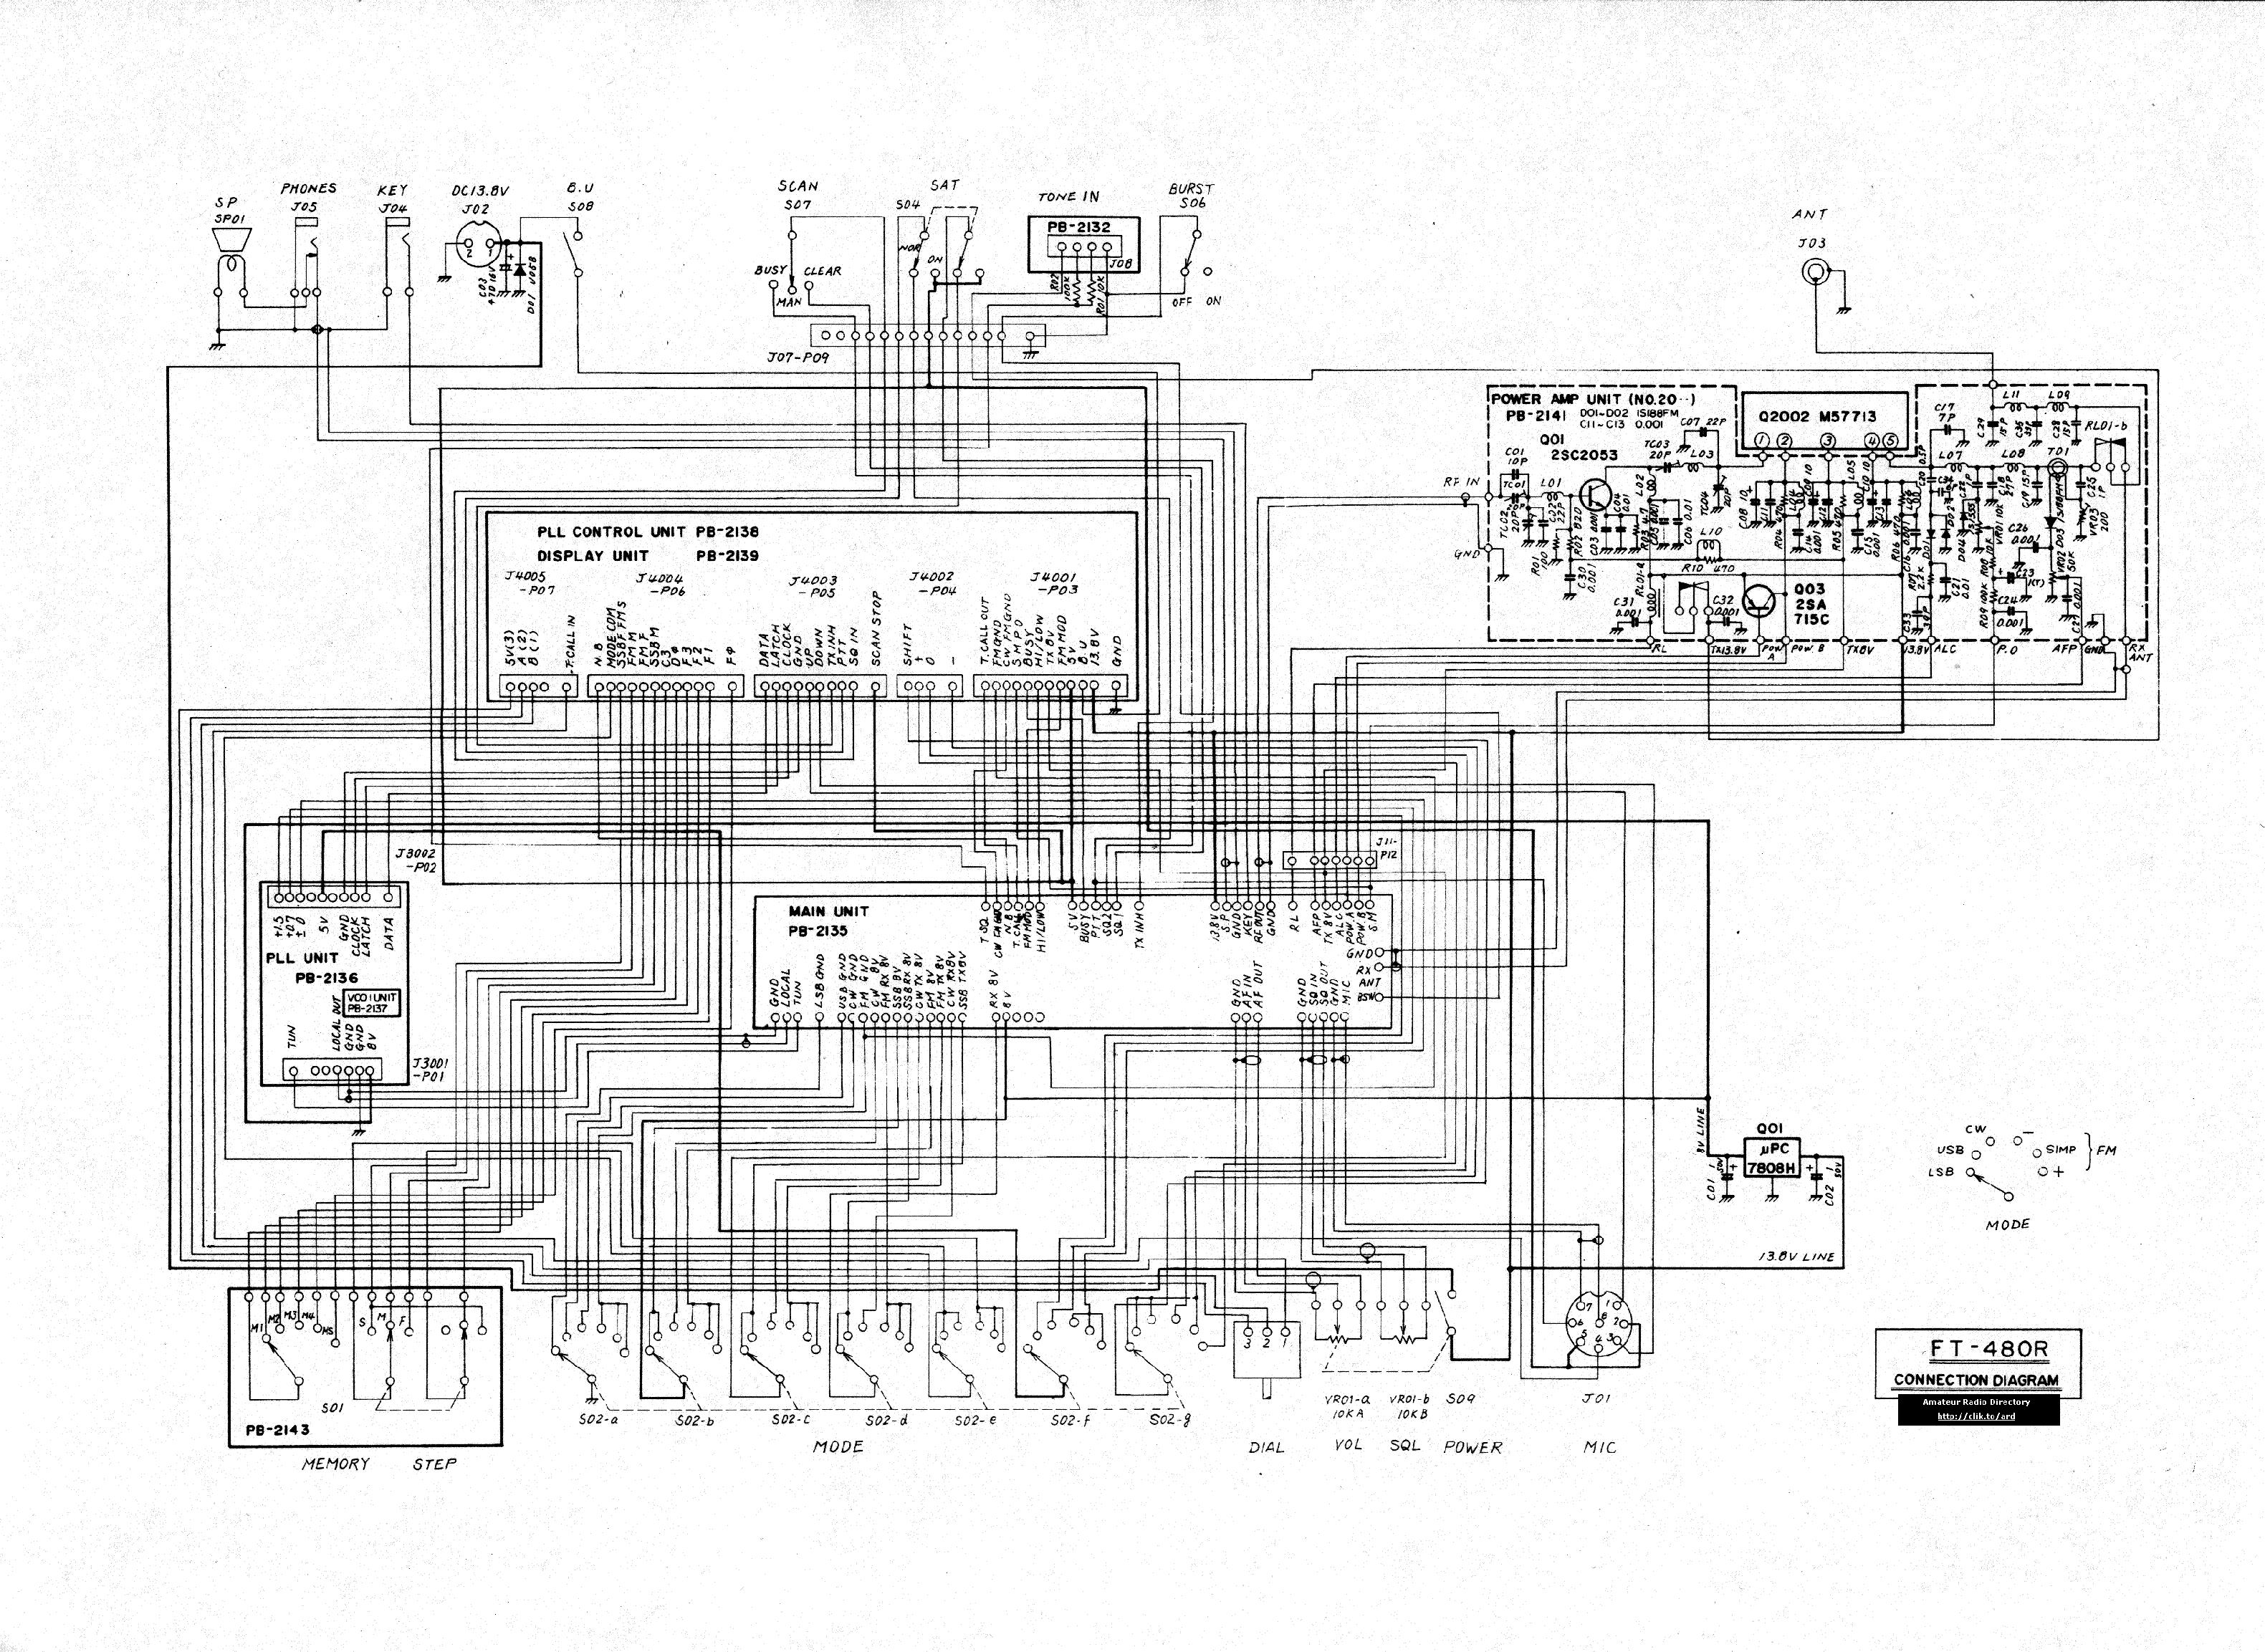 chrome pdf viewer focusing please wait